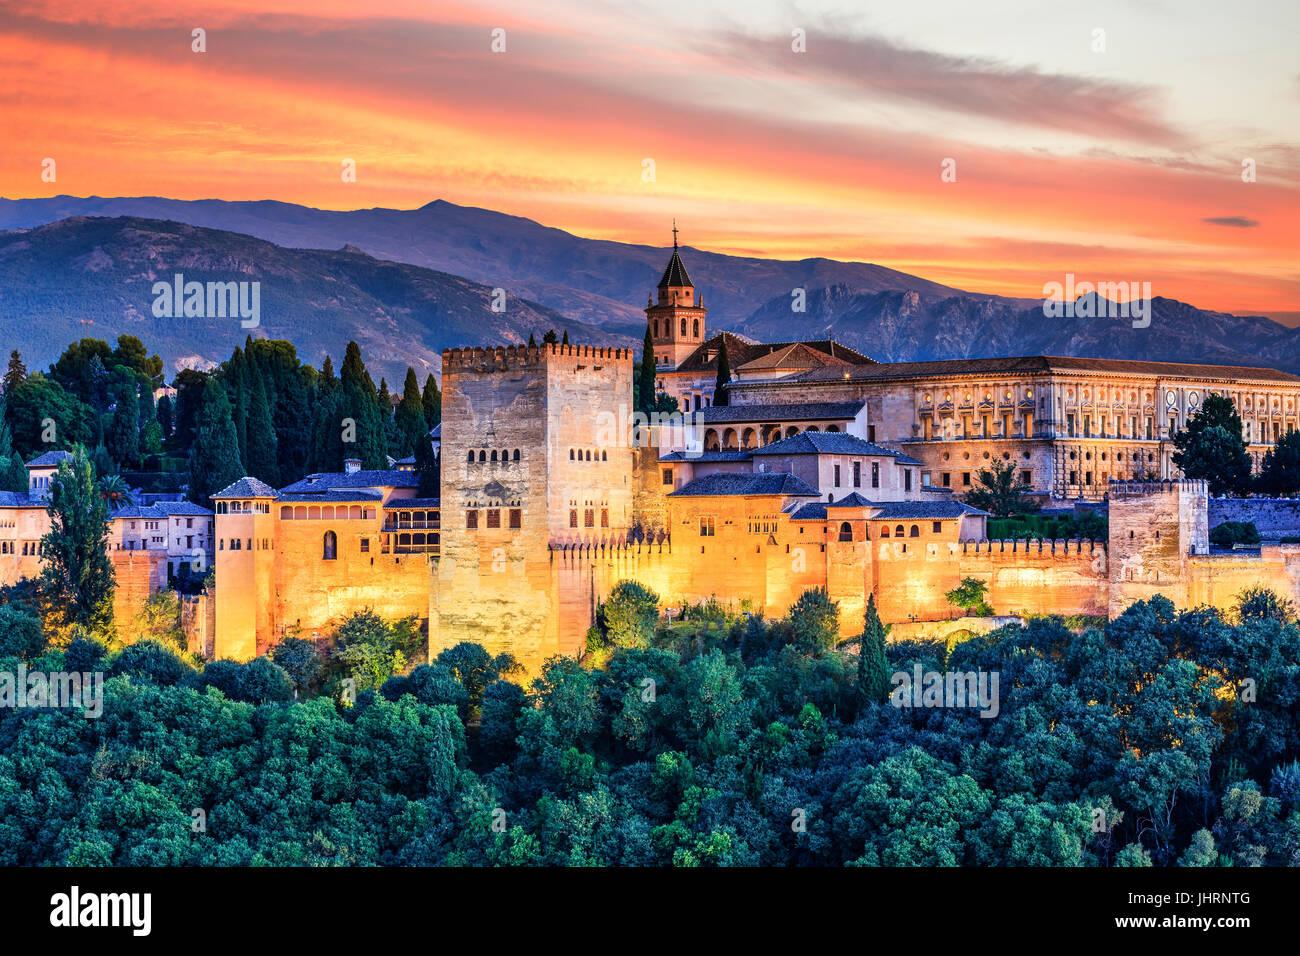 Alhambra de Grenade, Espagne. Forteresse de l'Alhambra au coucher du soleil. Photo Stock